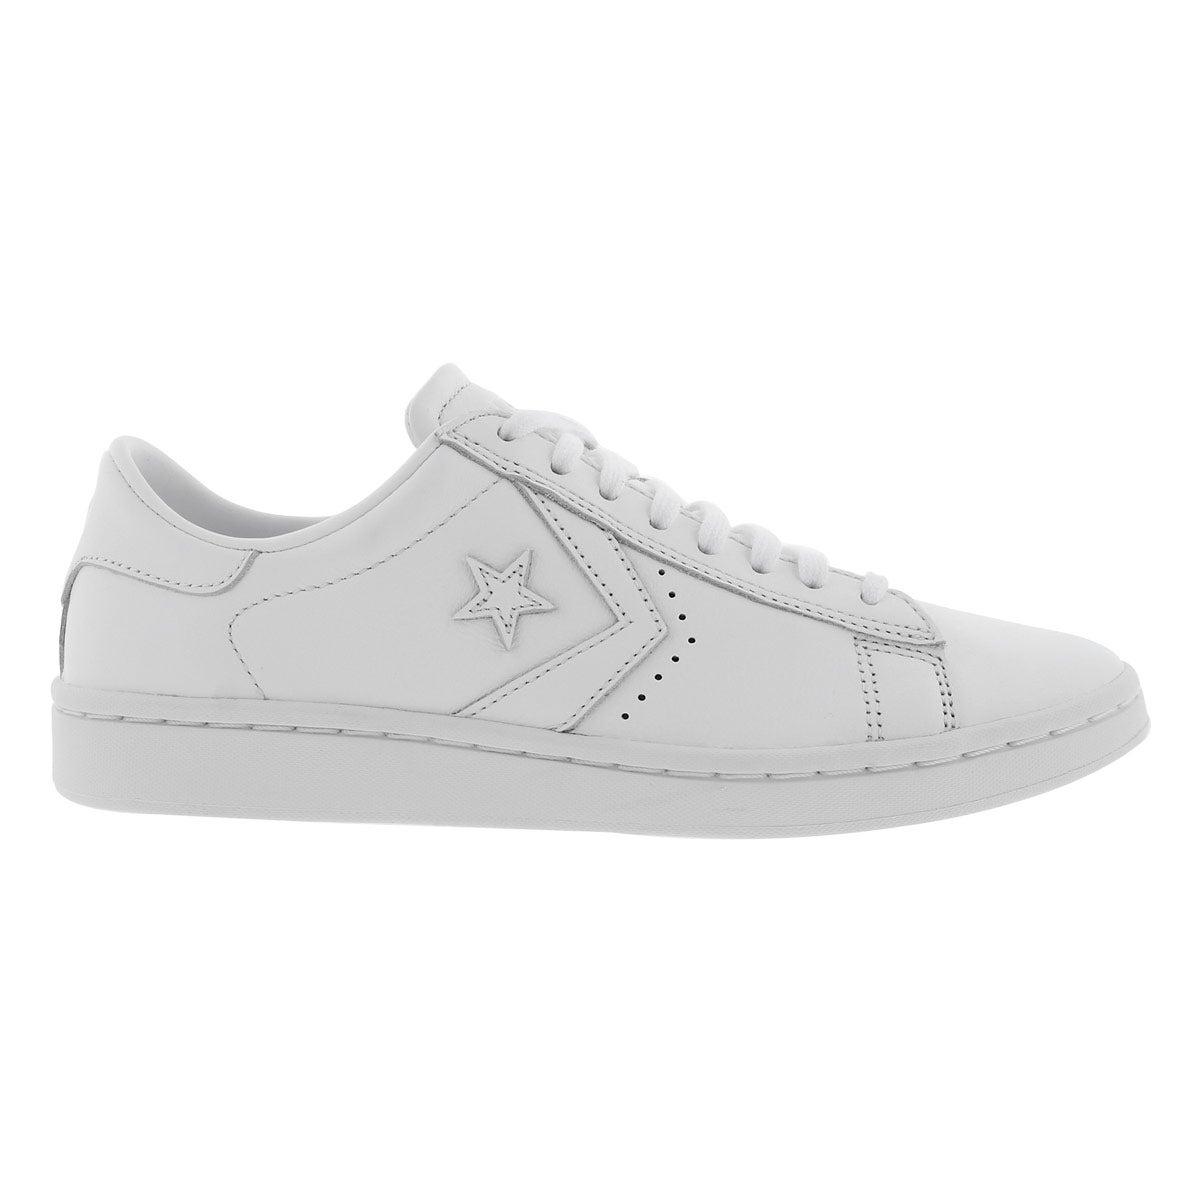 Lds PL LP wht/wht sneaker